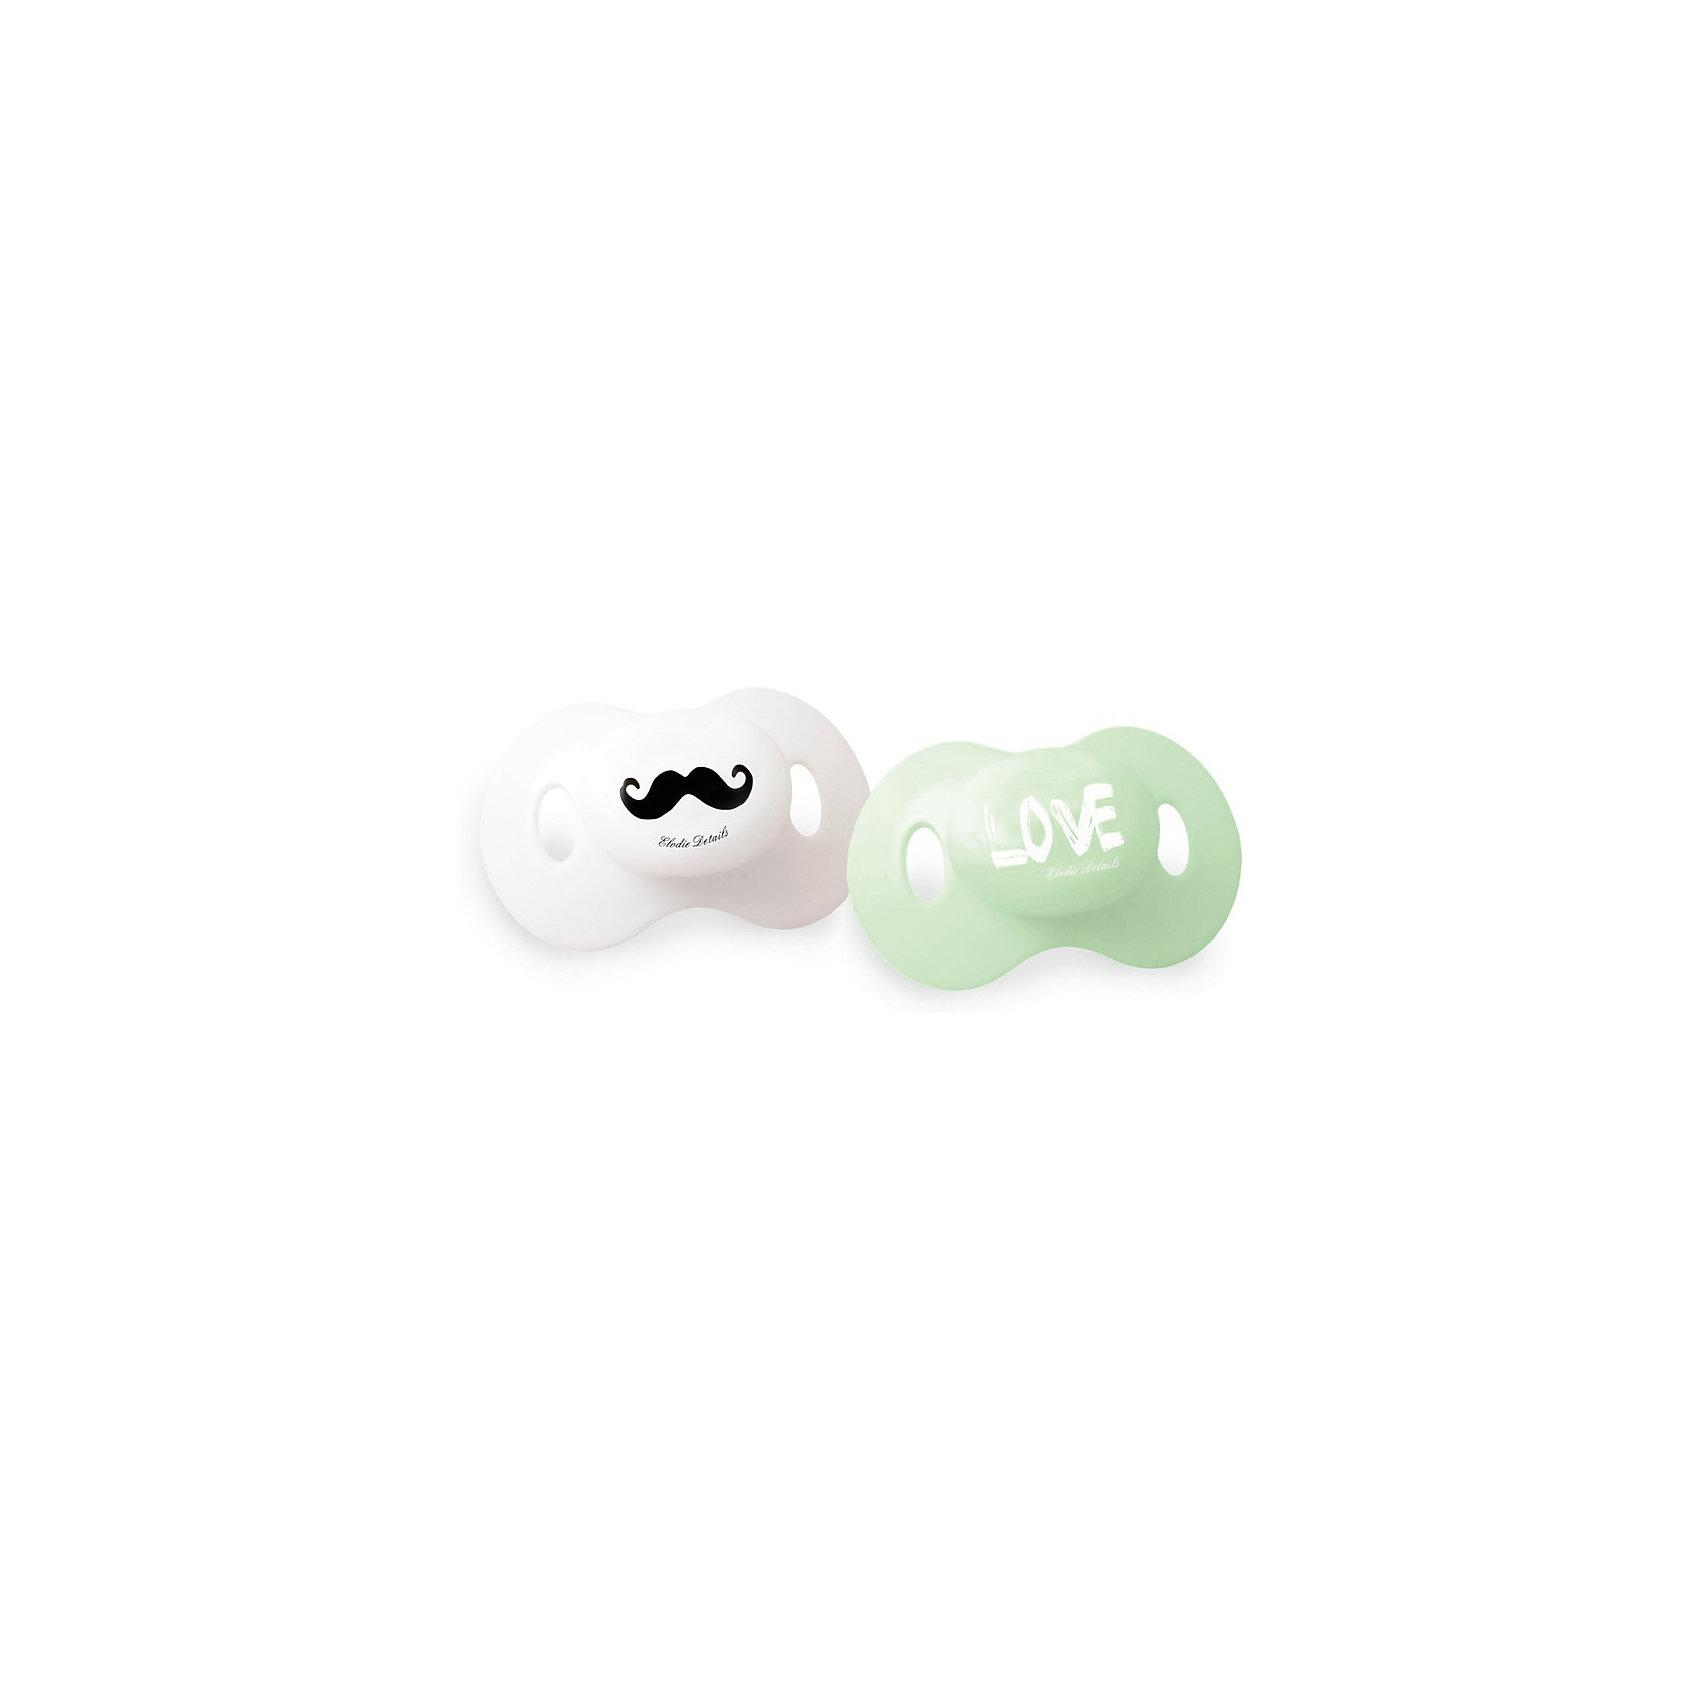 Пустышка Mustache LOVE 2 шт., Elodie DetailsПустышка Mustache LOVE 2 шт., Elodie Details (Элоди Дитейлс)<br><br>Характеристики:<br><br>• ортодонтическая форма<br>• соответствует европейскому стандарту EN-1400<br>• материал: силикон<br>• в комплекте: пустышки - 2 шт.<br>• вес: 100 грамм<br><br>Стильные и качественные пустышки по достоинству оценит каждый заботливый родитель. Они изготовлены из силикона и имеют ортодонтическую форму, способствующую правильному развитию. Пустышки не содержат бисфенол А, не впитывают запахи и обладают высокой прочностью. Модный дизайн с усами и надписью Love прекрасно дополнит стильный образ карапуза.<br><br>Пустышку Mustache LOVE 2 шт., Elodie Details (Элоди Дитейлс) вы можете купить в нашем интернет-магазине.<br><br>Ширина мм: 155<br>Глубина мм: 80<br>Высота мм: 50<br>Вес г: 25<br>Возраст от месяцев: 3<br>Возраст до месяцев: 18<br>Пол: Мужской<br>Возраст: Детский<br>SKU: 4887728